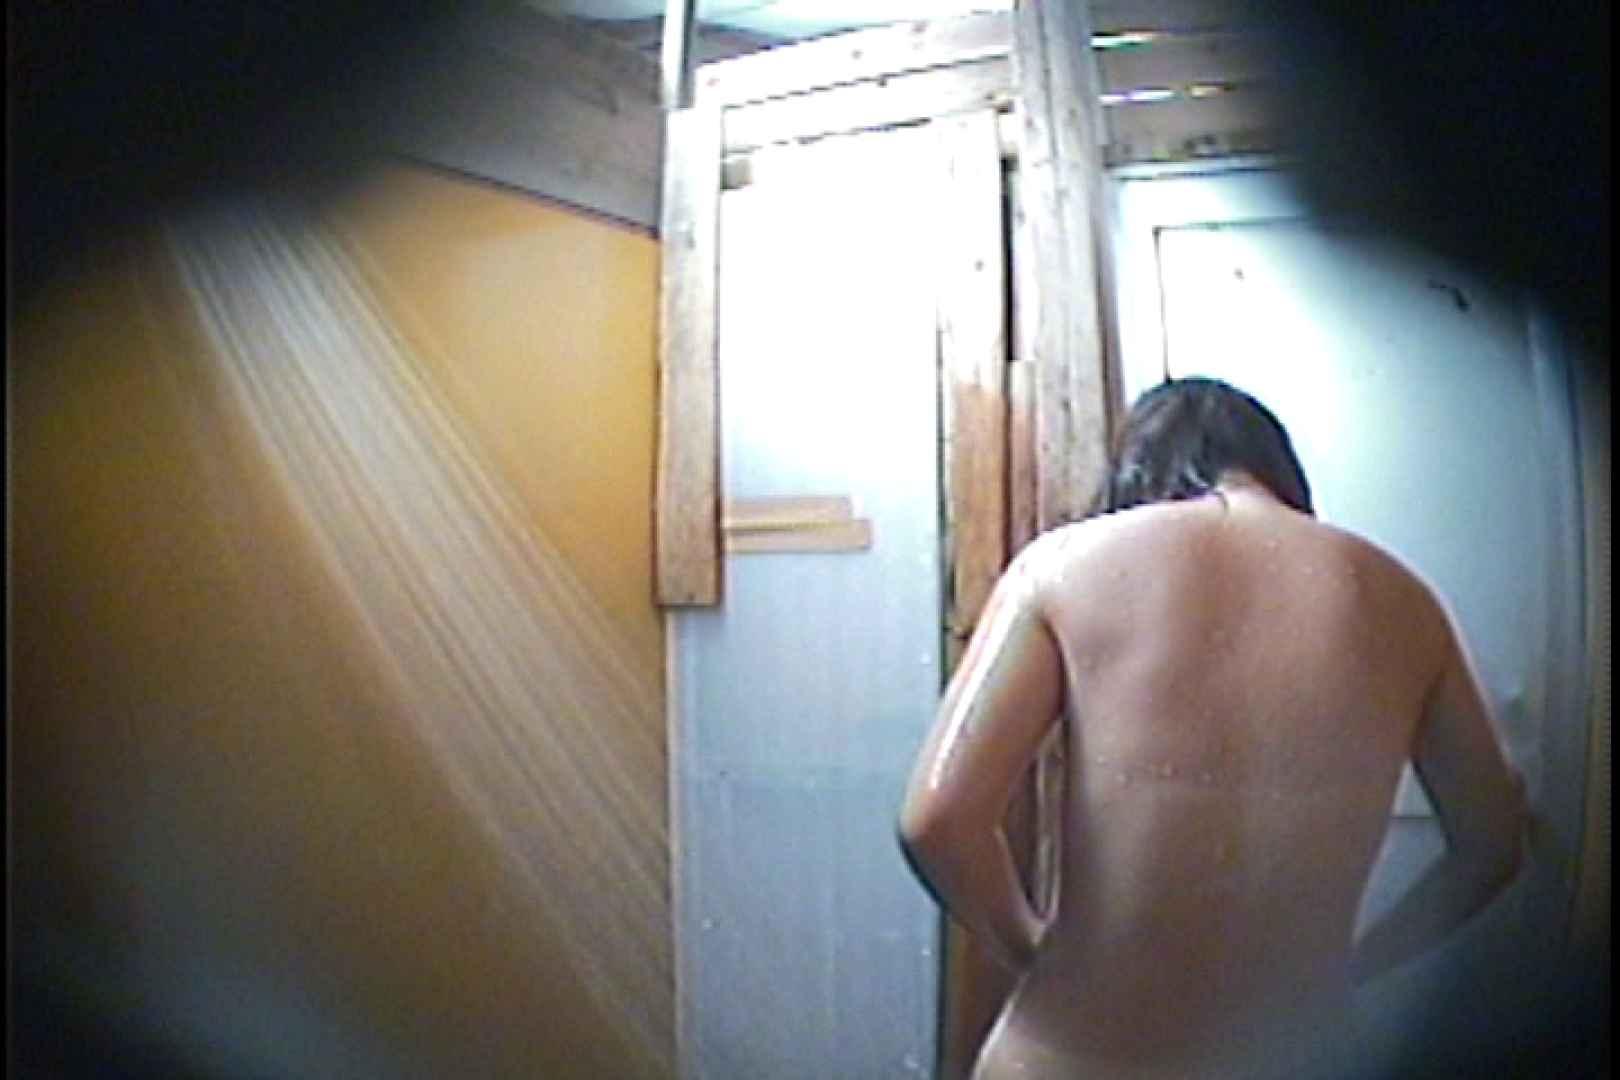 海の家の更衣室 Vol.48 シャワー室 ワレメ動画紹介 49画像 19